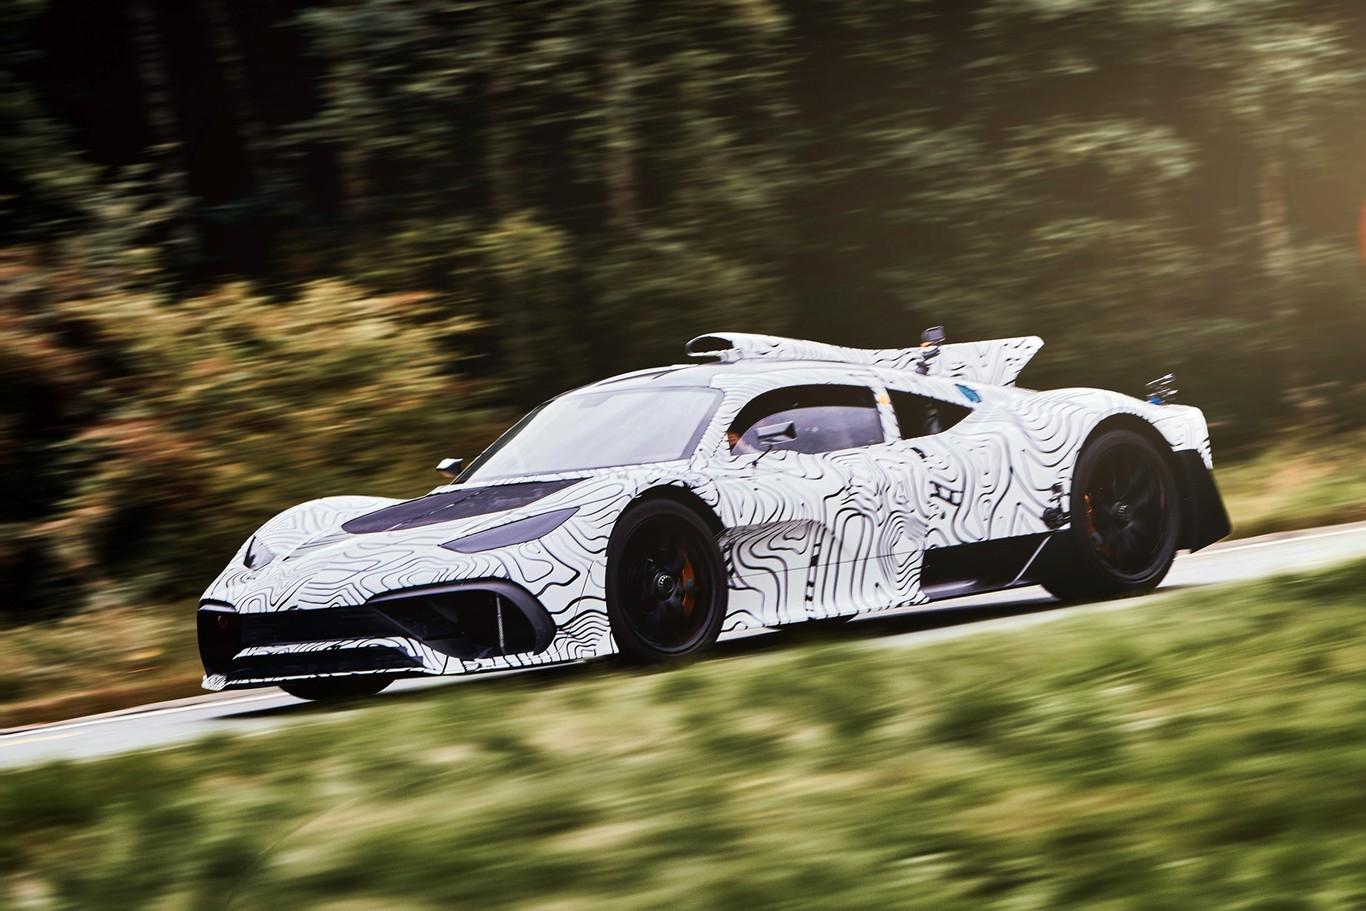 El Mercedes-AMG Project One ya ha salido a la carretera con ligeros cambios en la carrocería